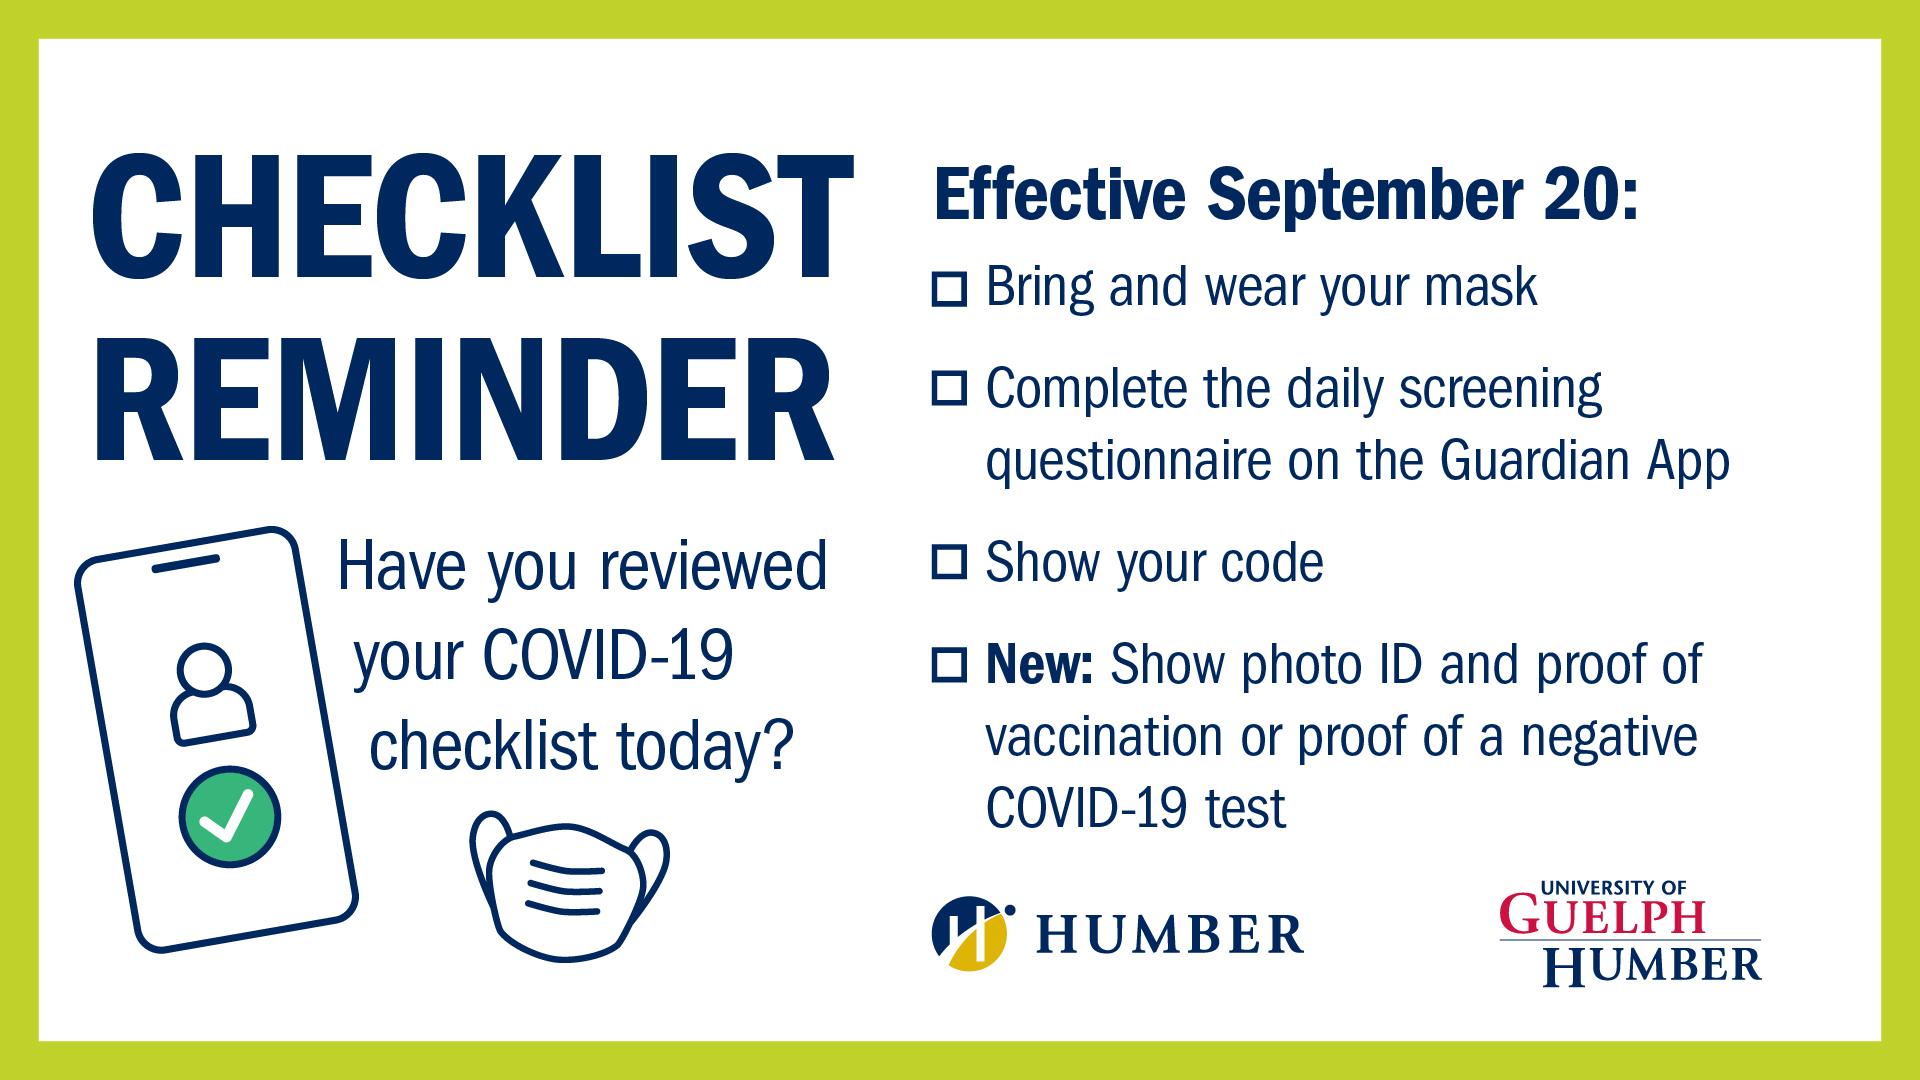 Checklist reminder